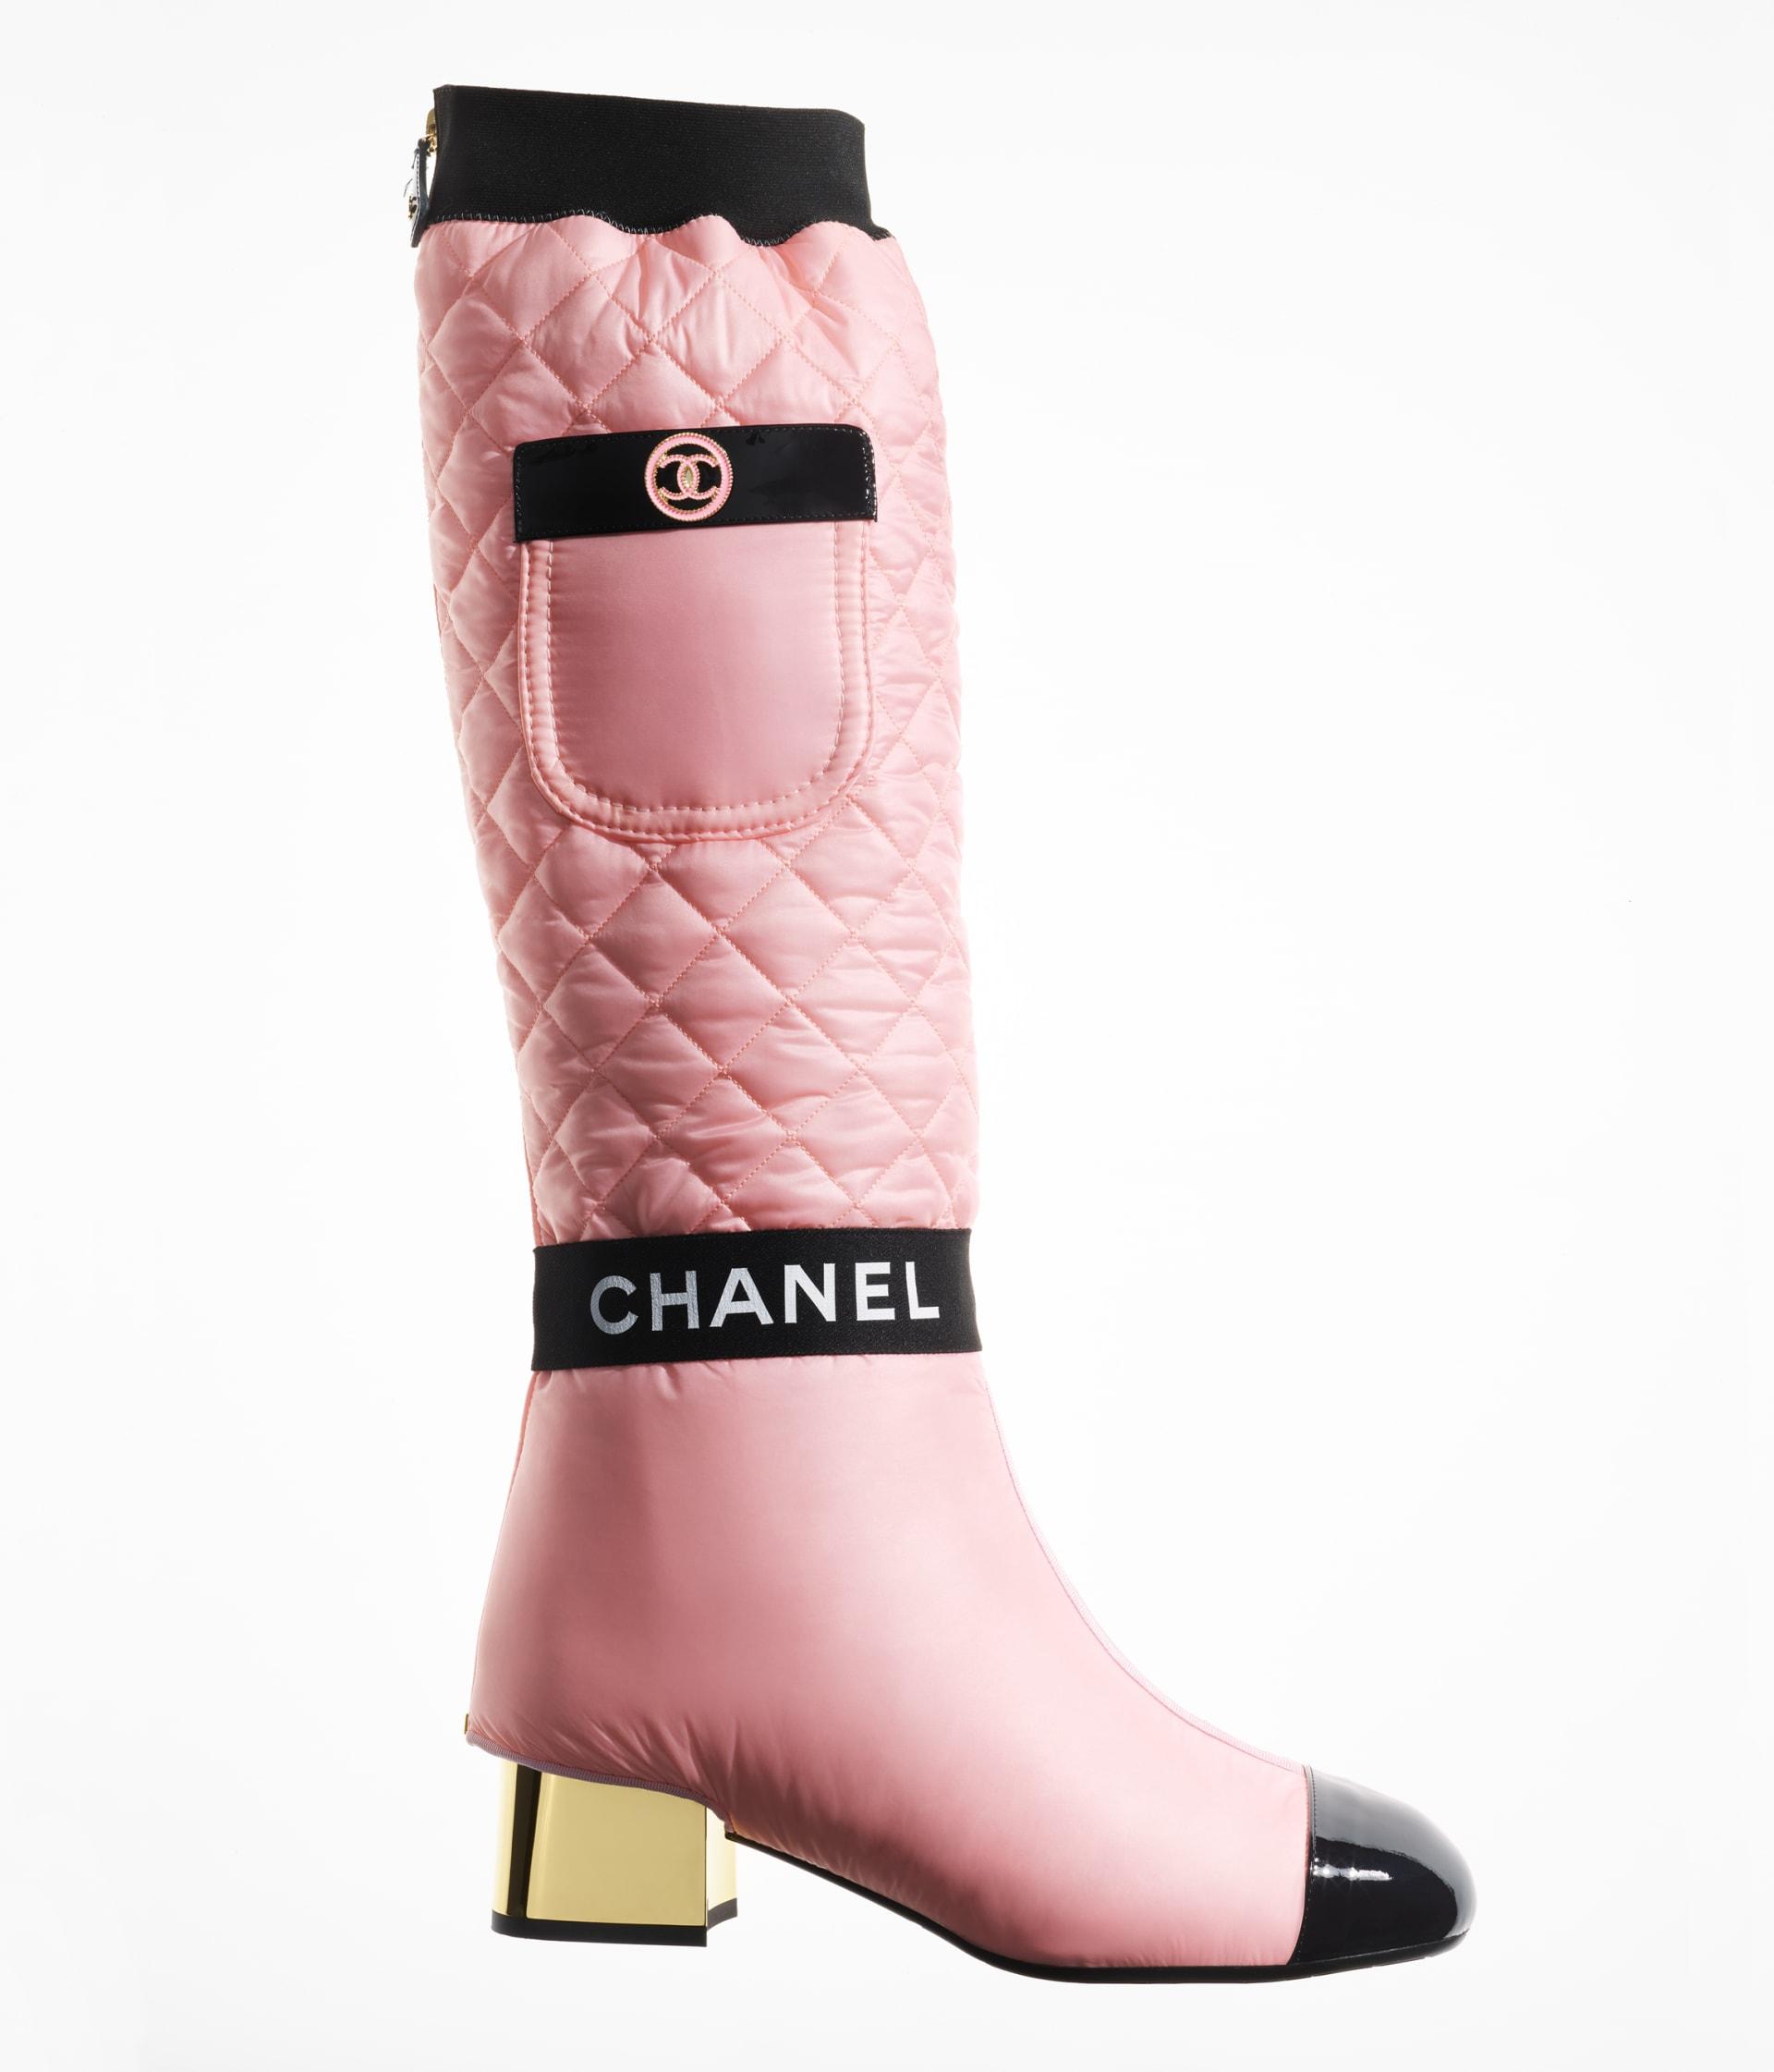 image 1 - High Boots - Mixed Fibers, Lambskin & Patent Calfskin - Light Pink, Pink & Black